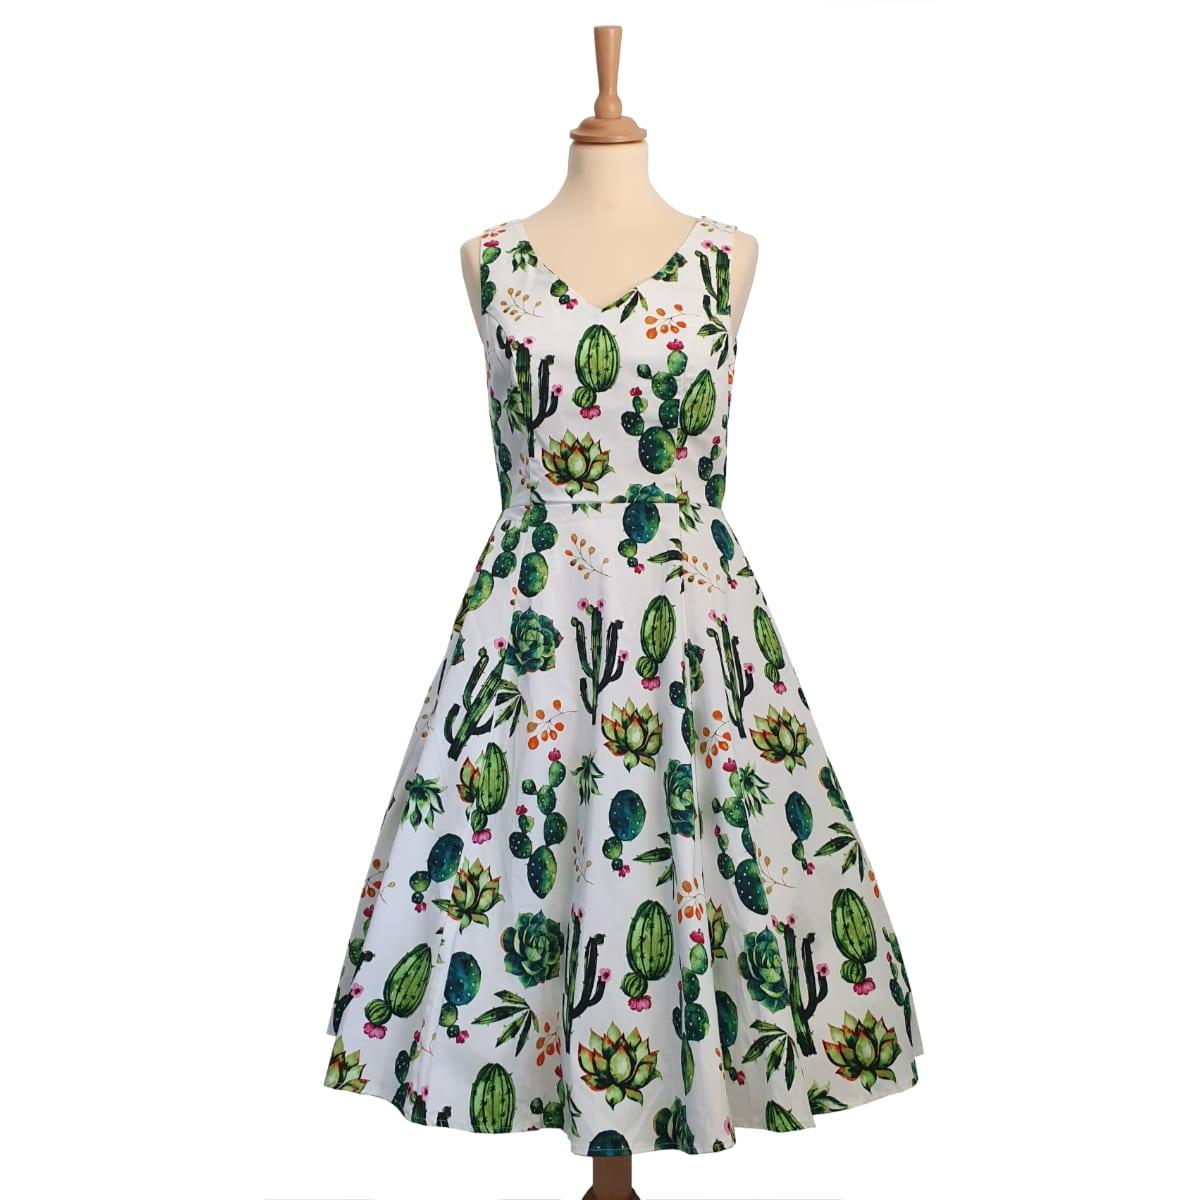 Snygga och billiga klänningar i retro – Retroklänning